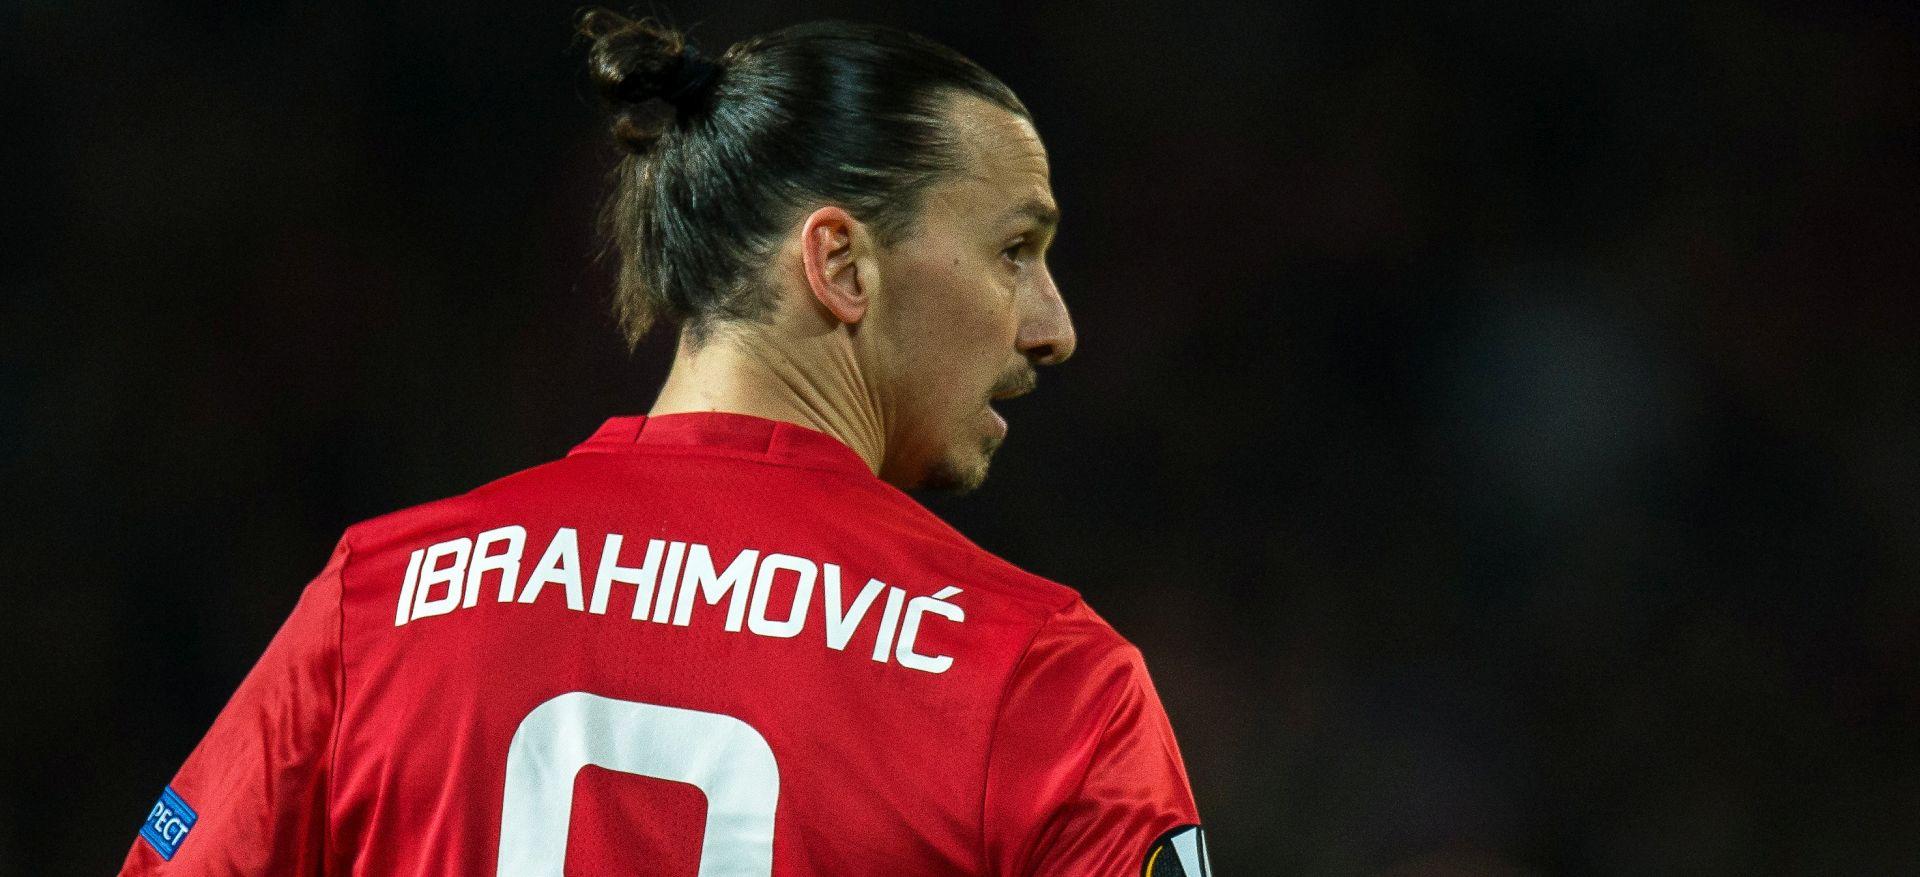 NEPOKOLEBLJIV Ibrahimović: Vratit ću se jači nego prije